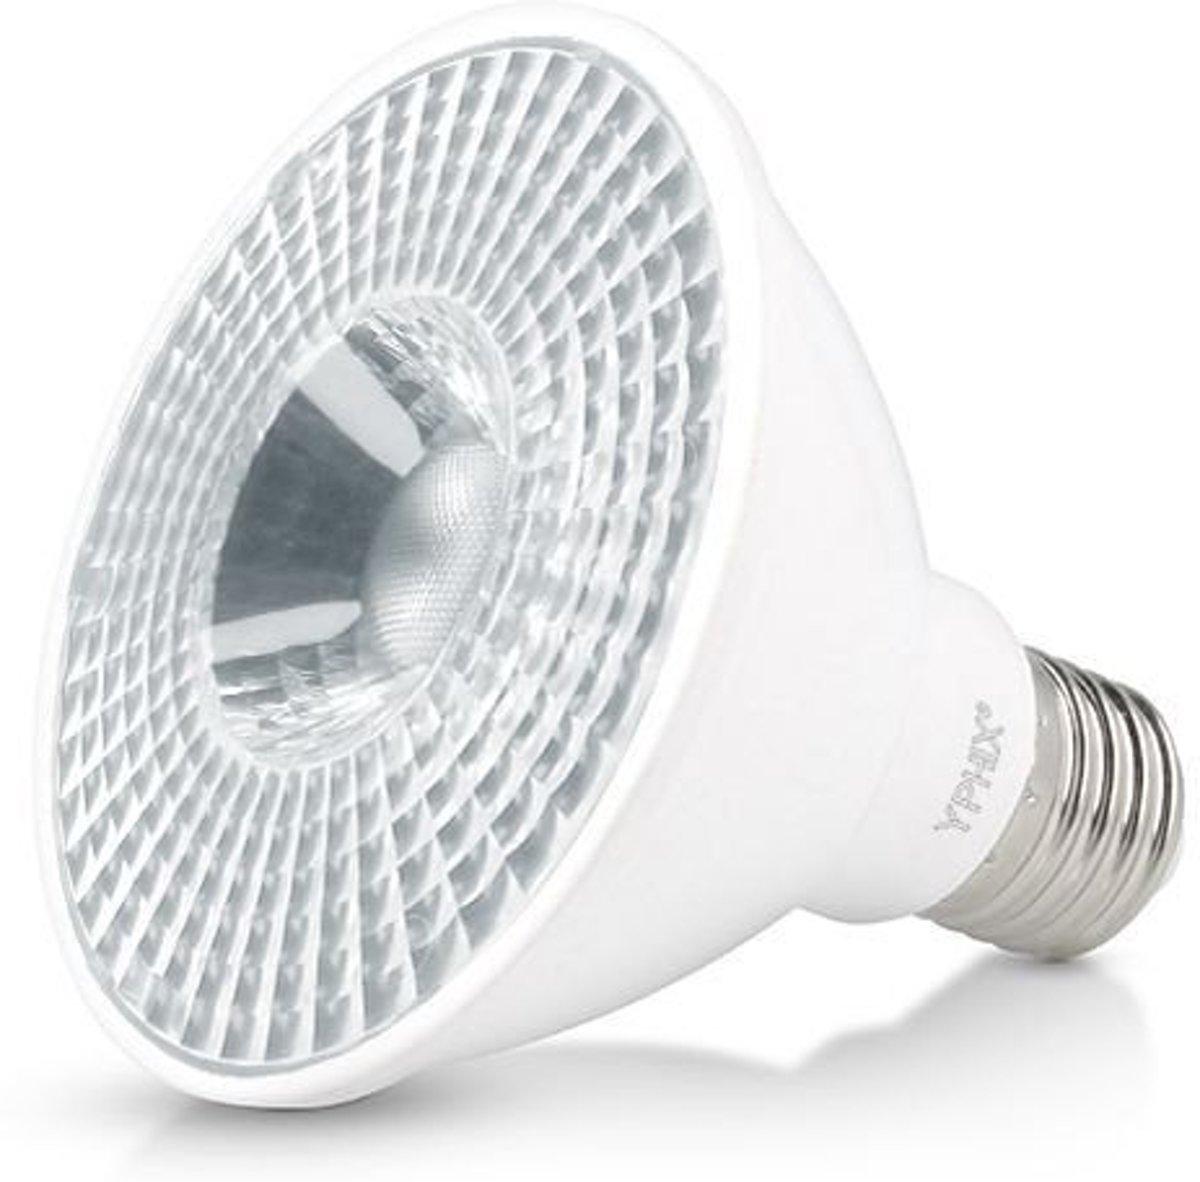 PAR 30 S LED SPOT POLLUX 11 WATT E27 DIMBAAR, 3000K (VERVANGT 75W) kopen